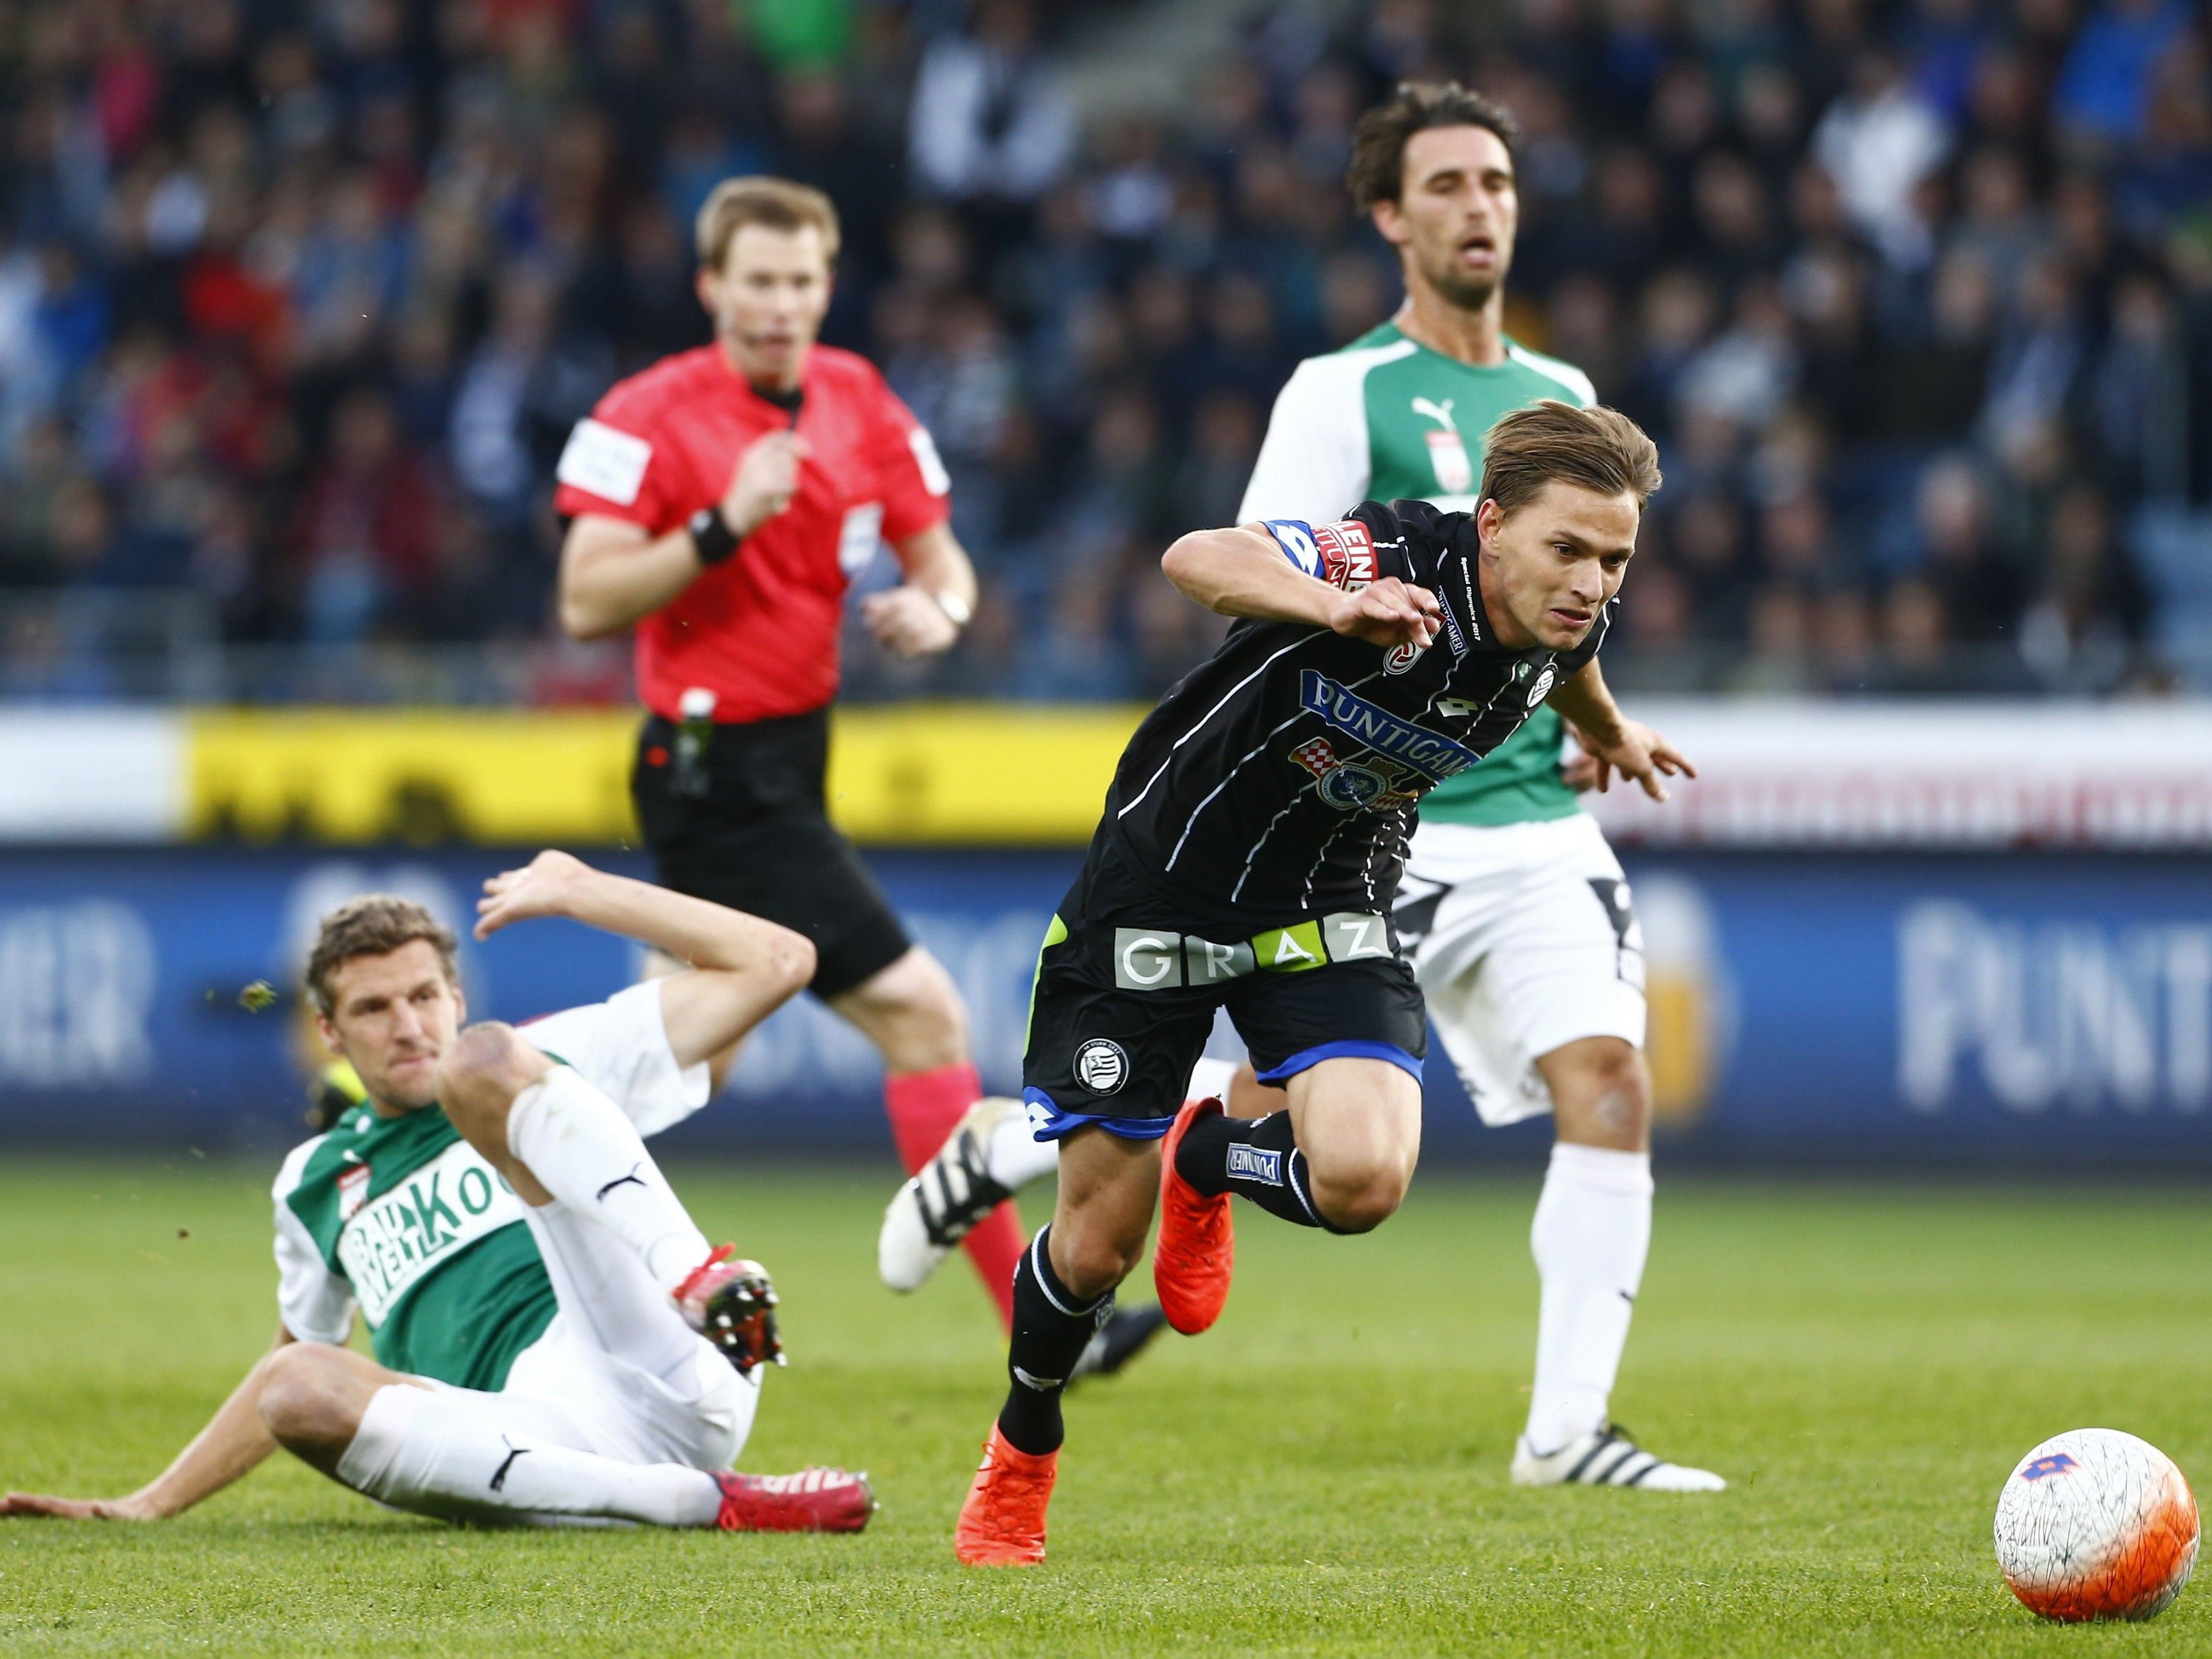 LIVE-Ticker zum Spiel SV Mattersburg gegen Sturm Graz ab 18.30 Uhr.